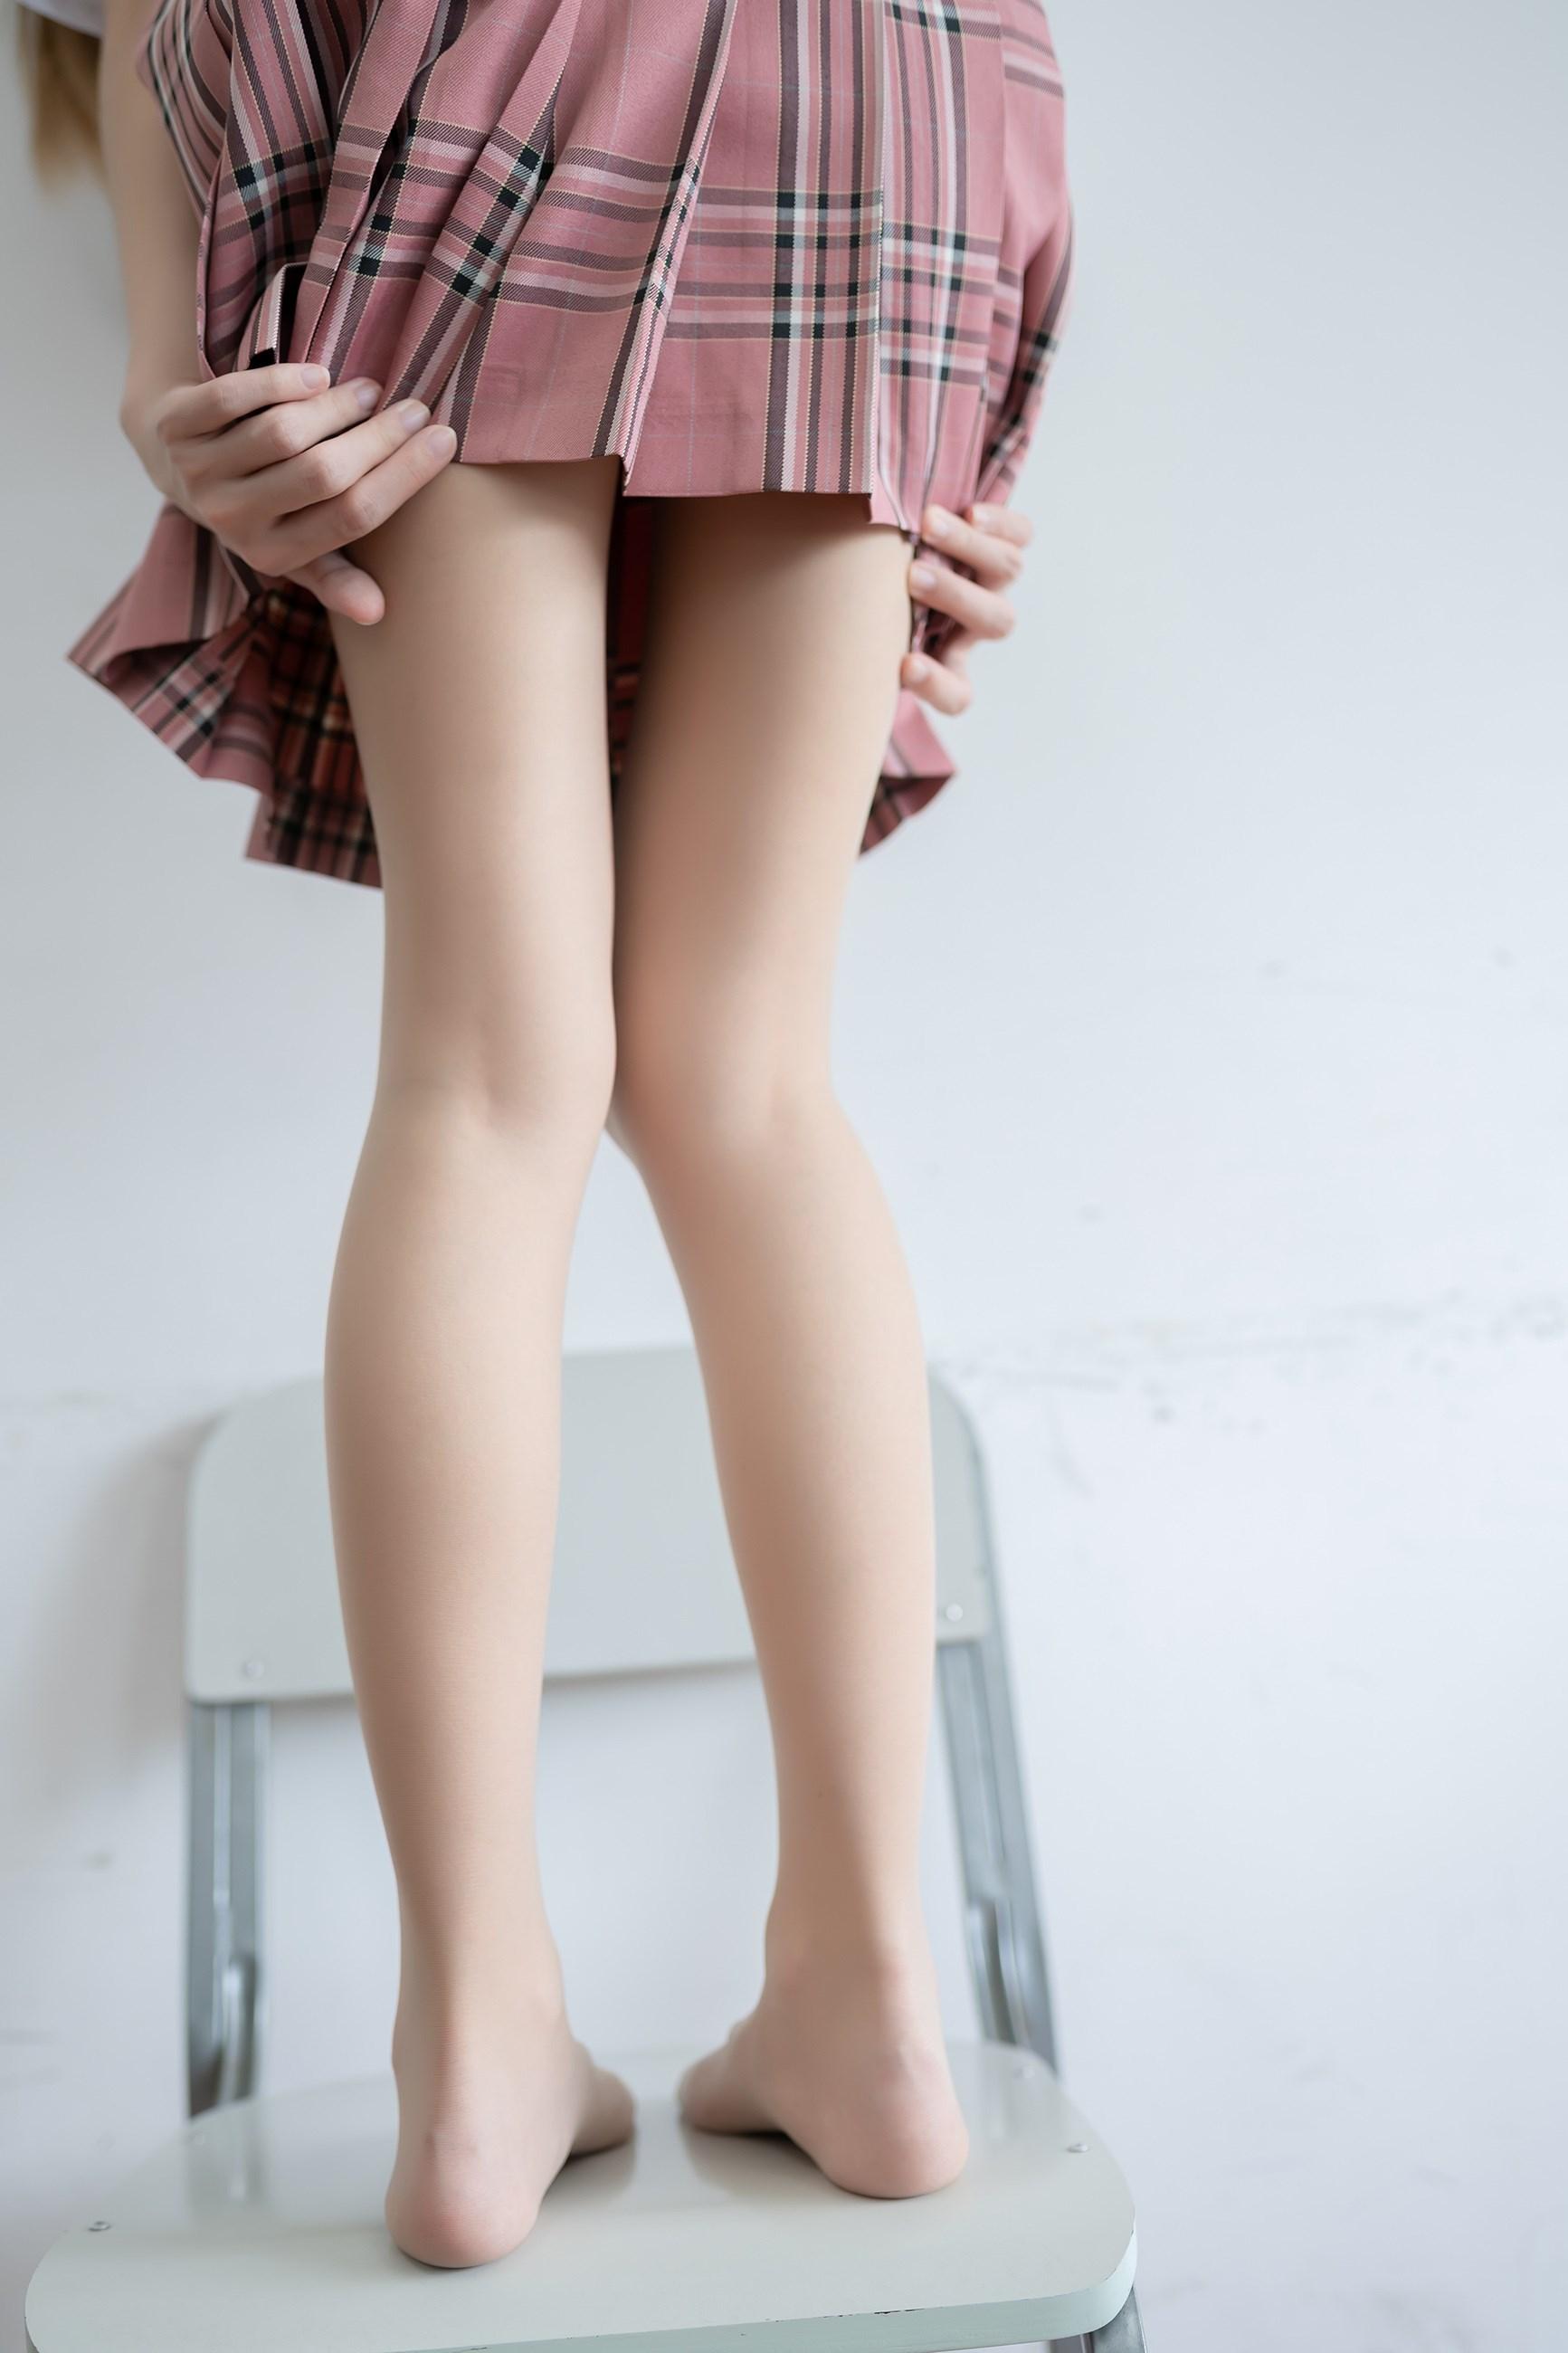 【兔玩映画】粉色格裙少女 兔玩映画 第38张